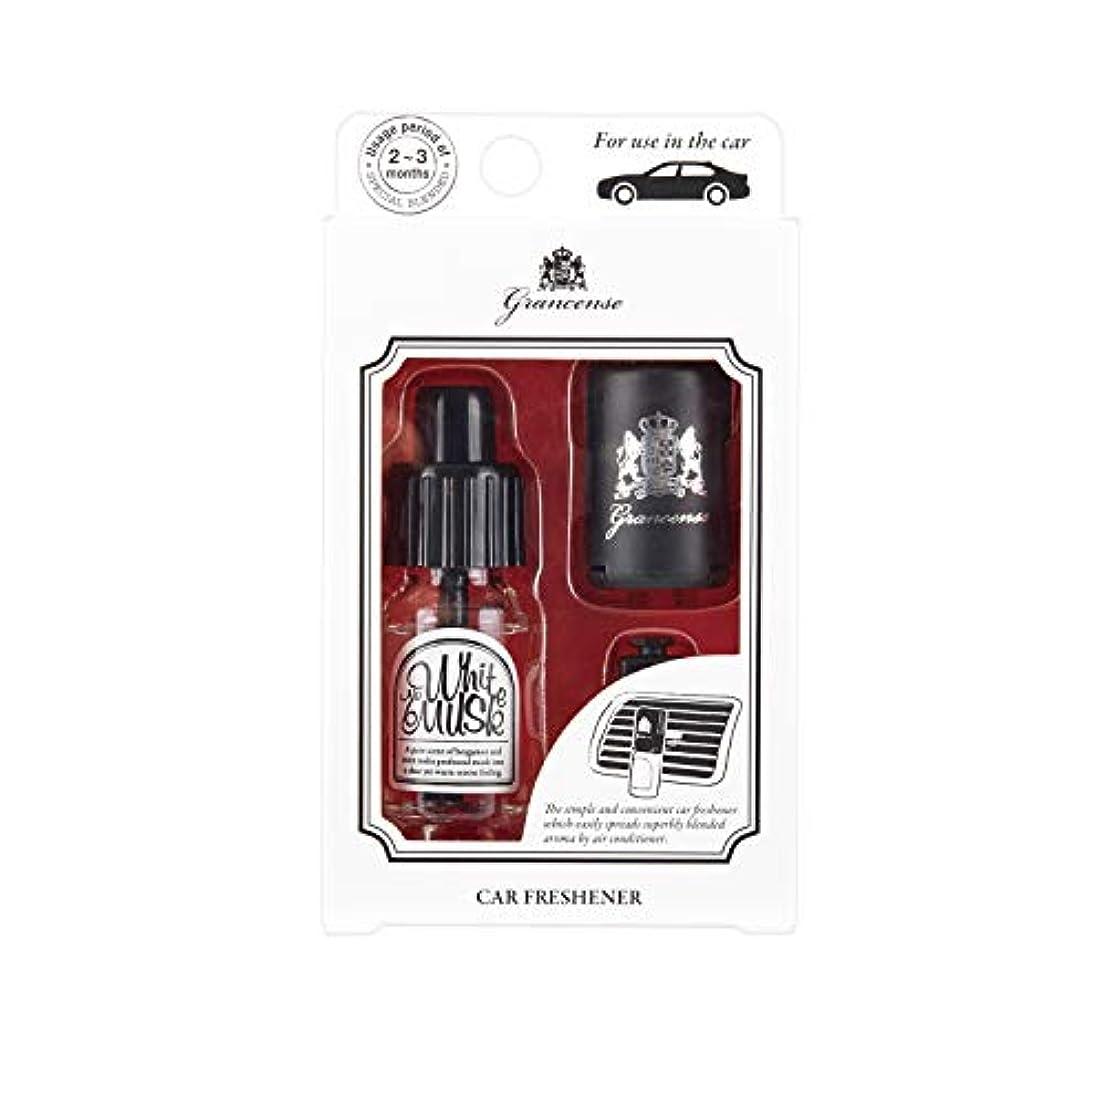 脱走汚物世界グランセンス カーフレッシュナー ホワイトムスク 10mL (車用芳香剤 カーディフューザー 2-3ヶ月 日本製)